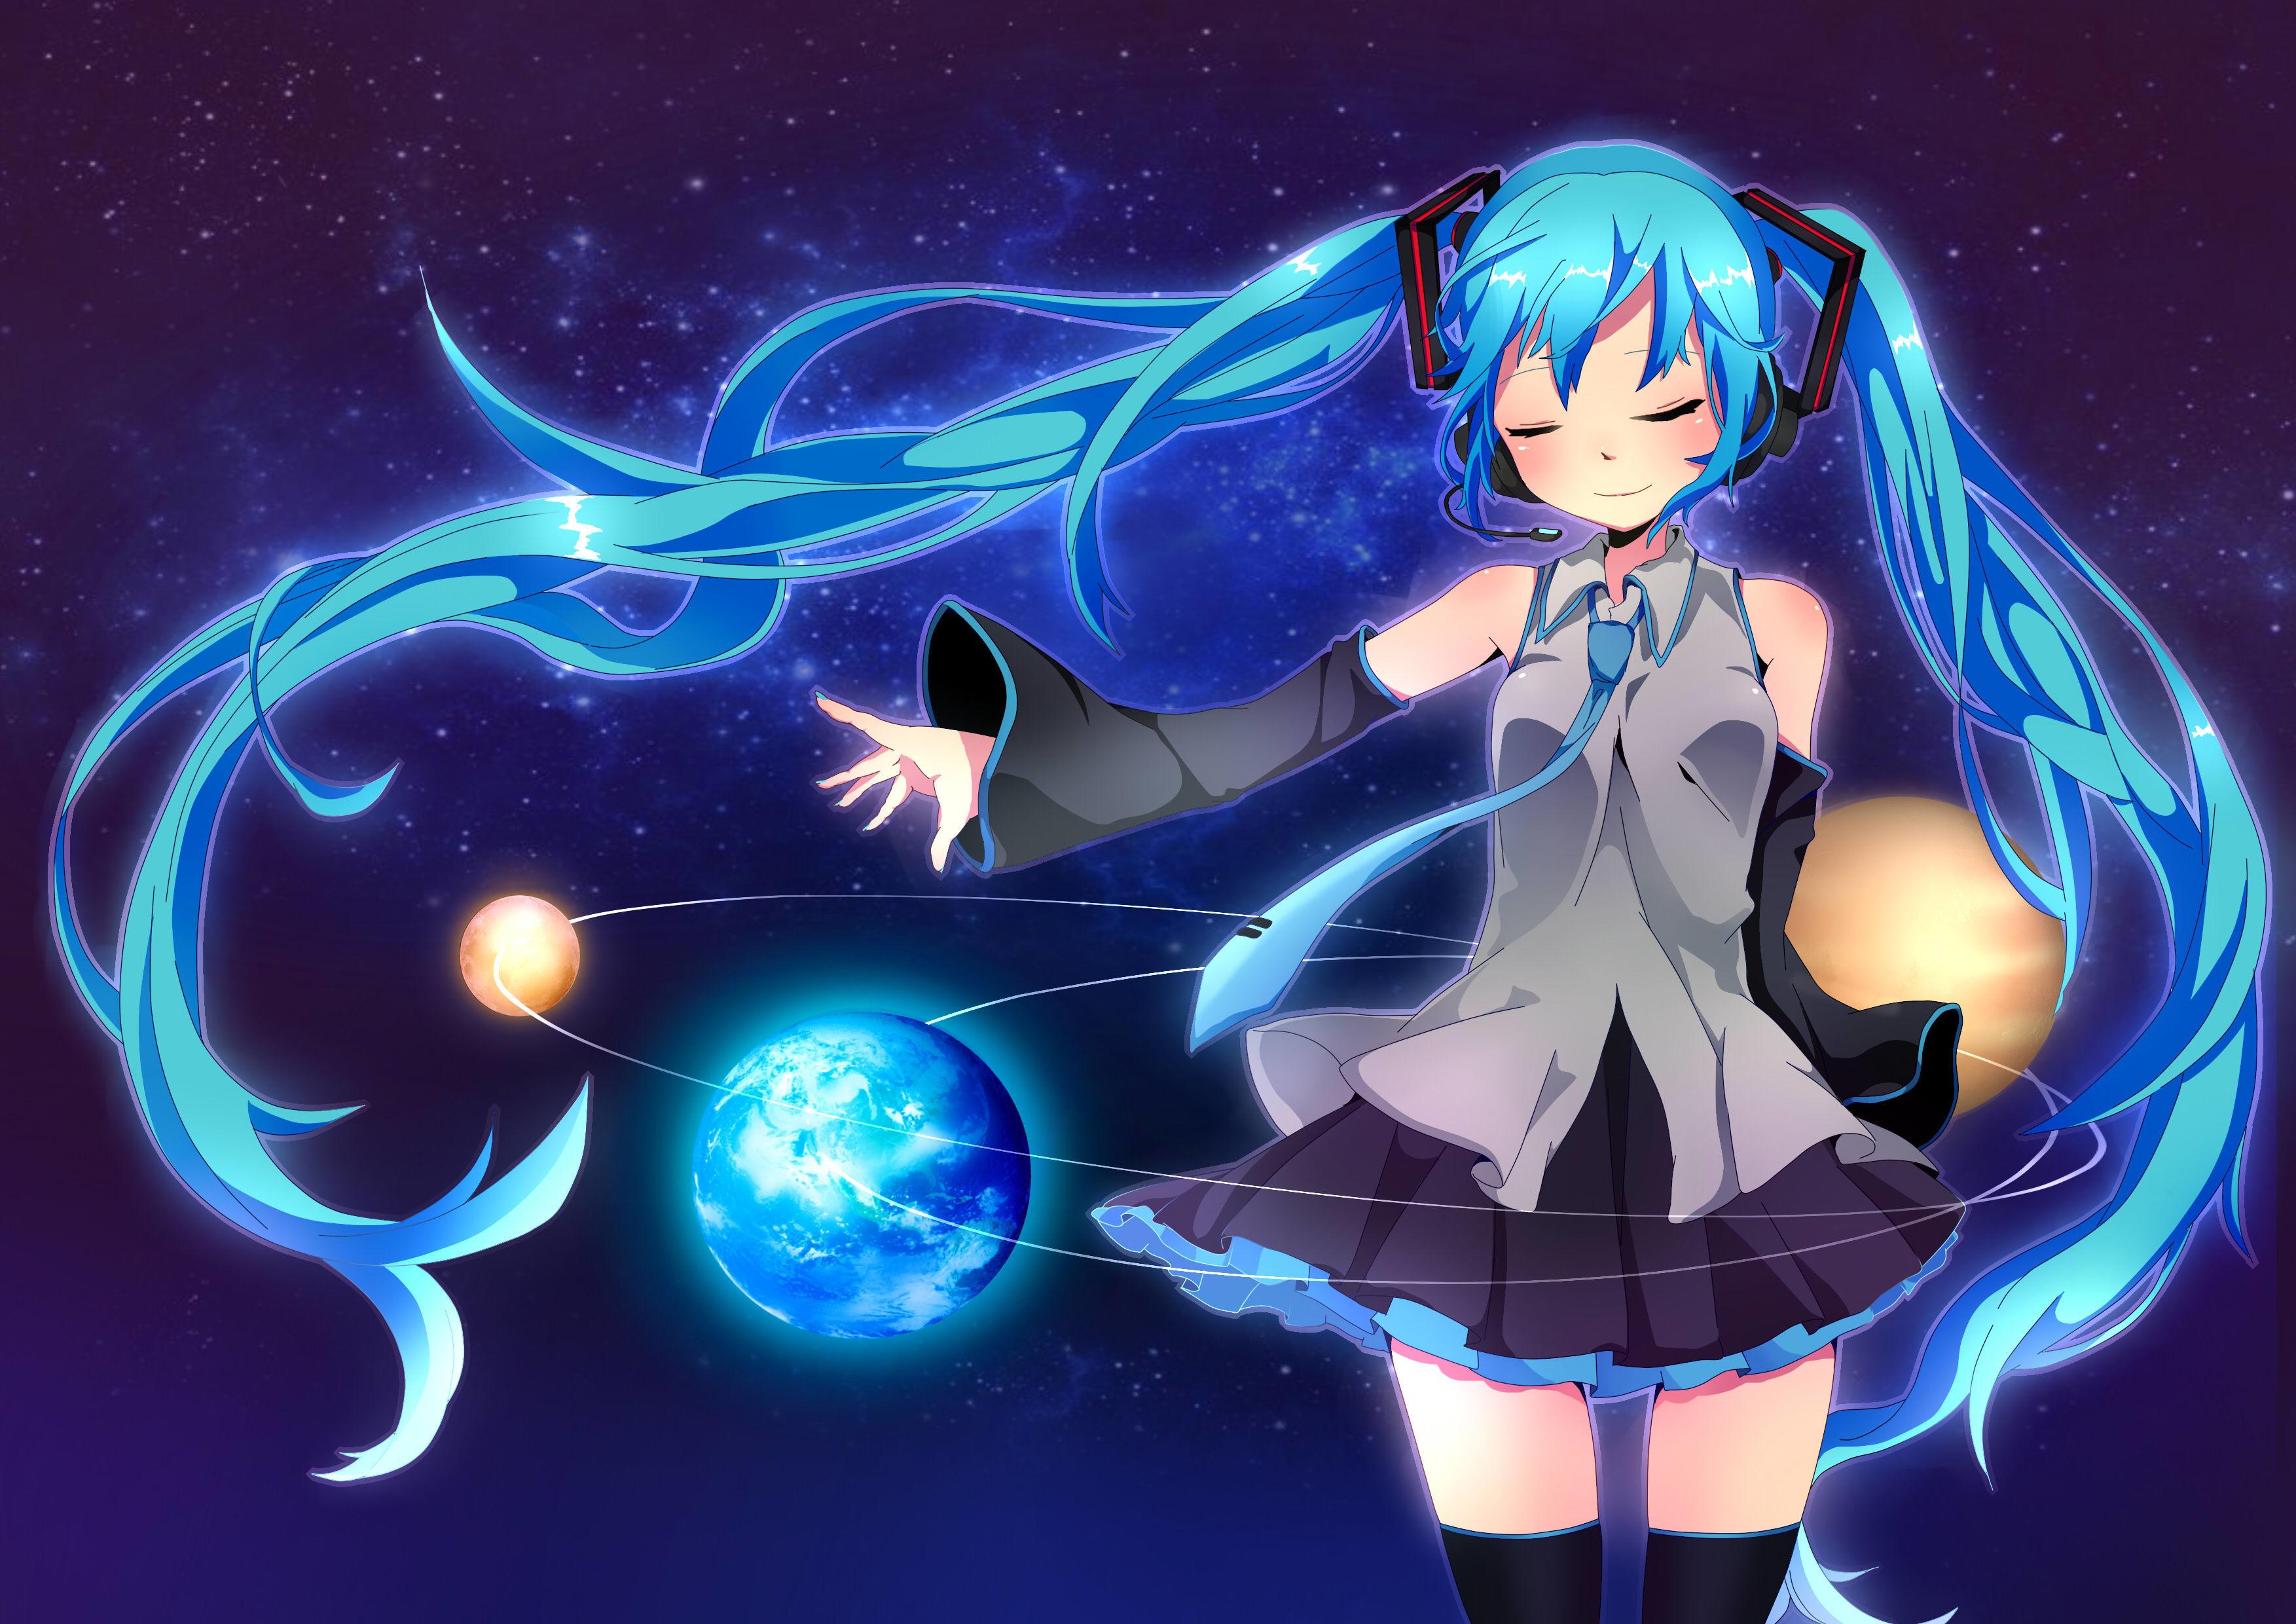 Fonds d'ecran 3507x2480 Vocaloid Hatsune Miku Planètes Écolière Jupe Uniforme Anime Filles ...